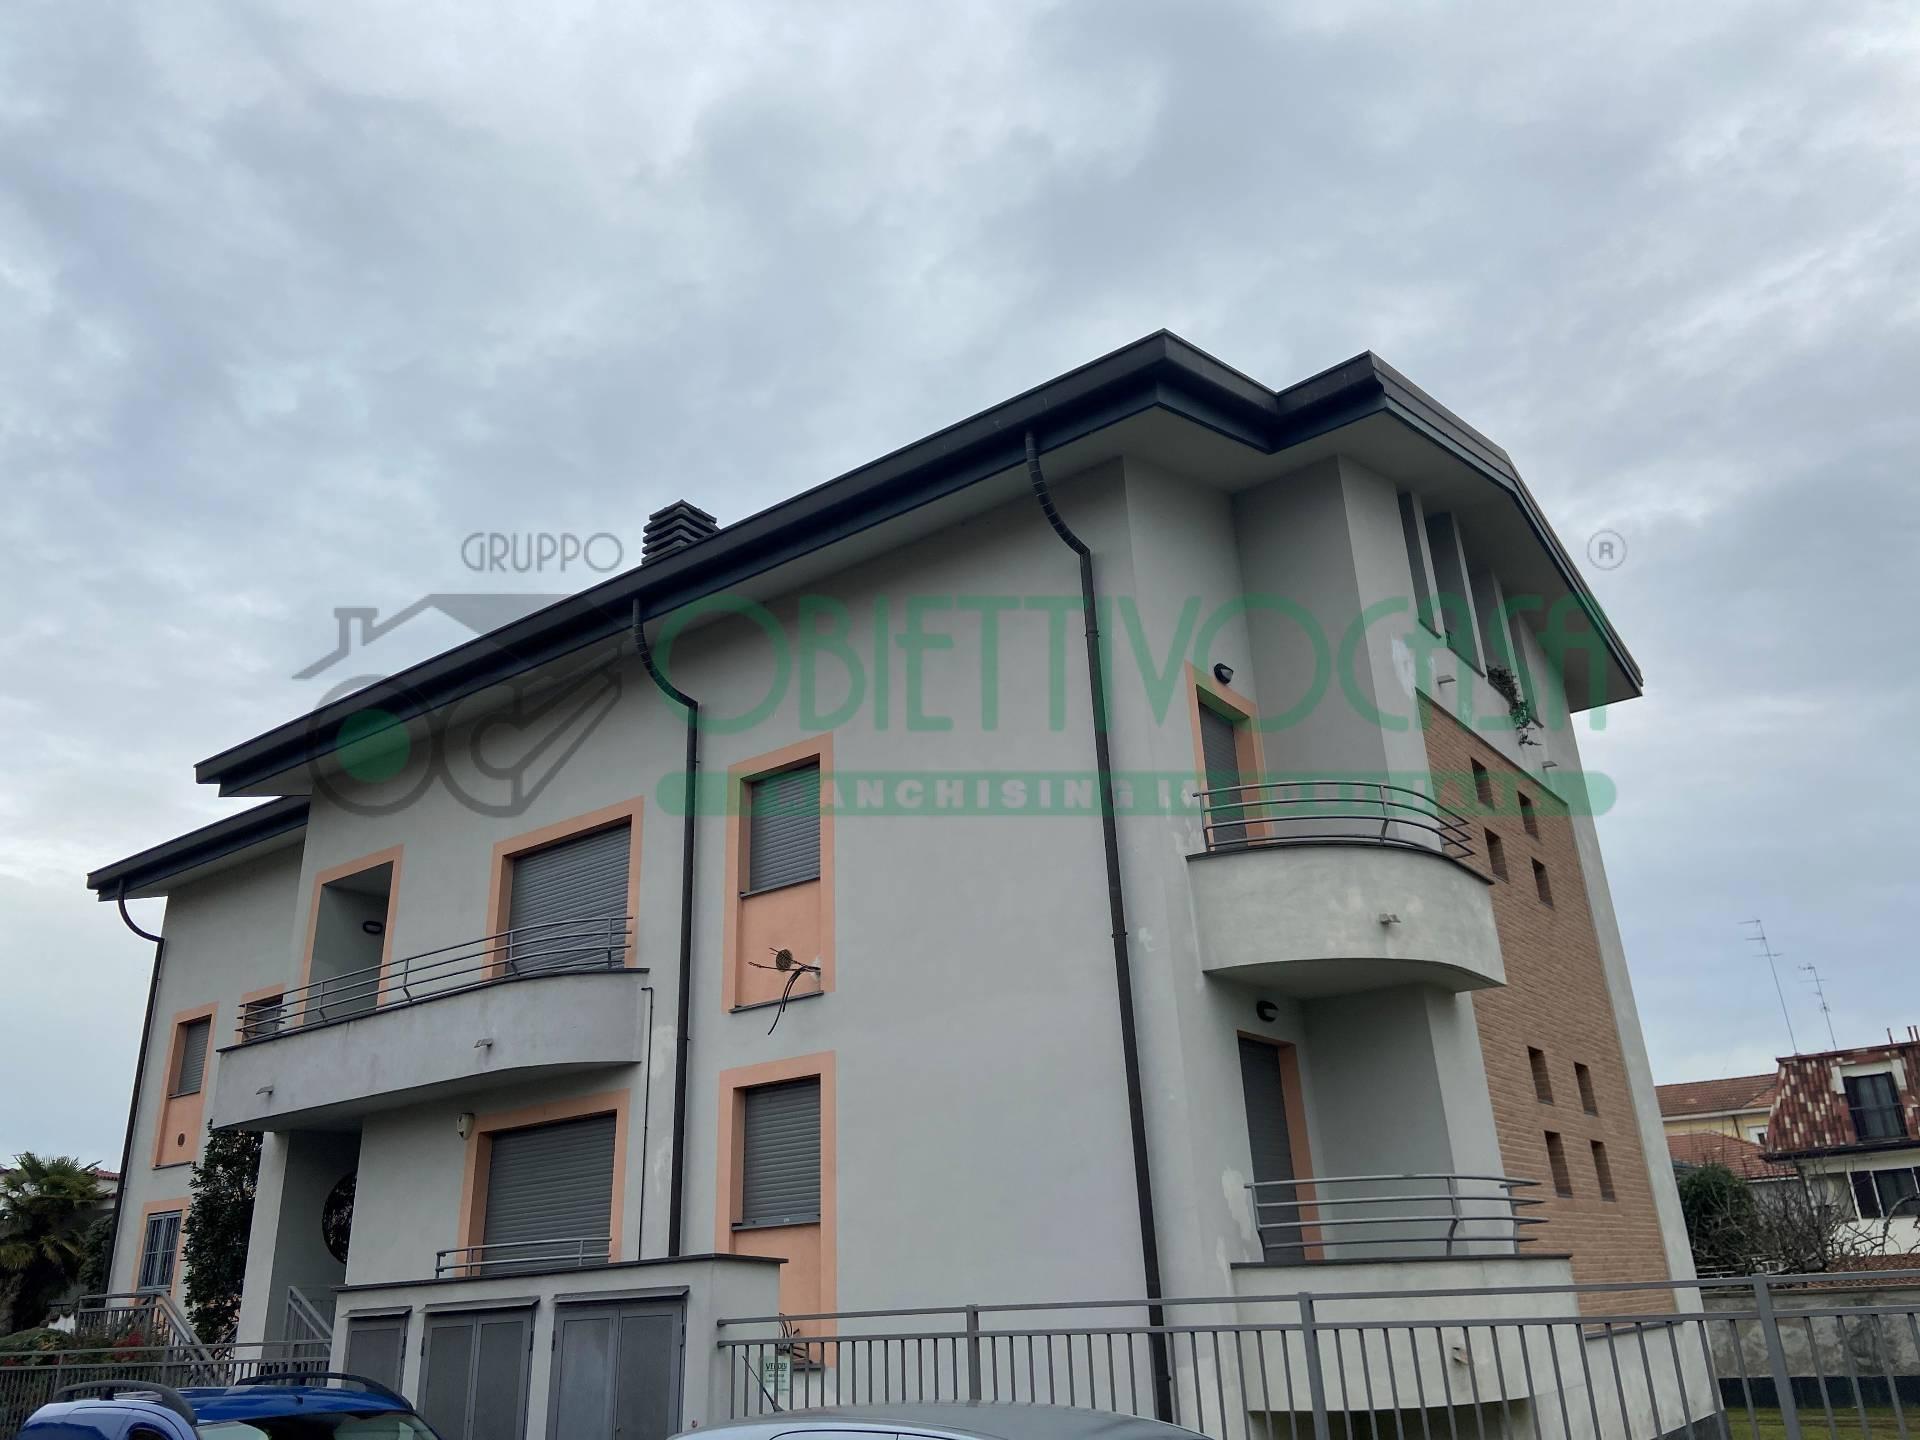 Appartamento in vendita a Corsico, 3 locali, zona Località: DellaResistenza, prezzo € 240.000 | PortaleAgenzieImmobiliari.it